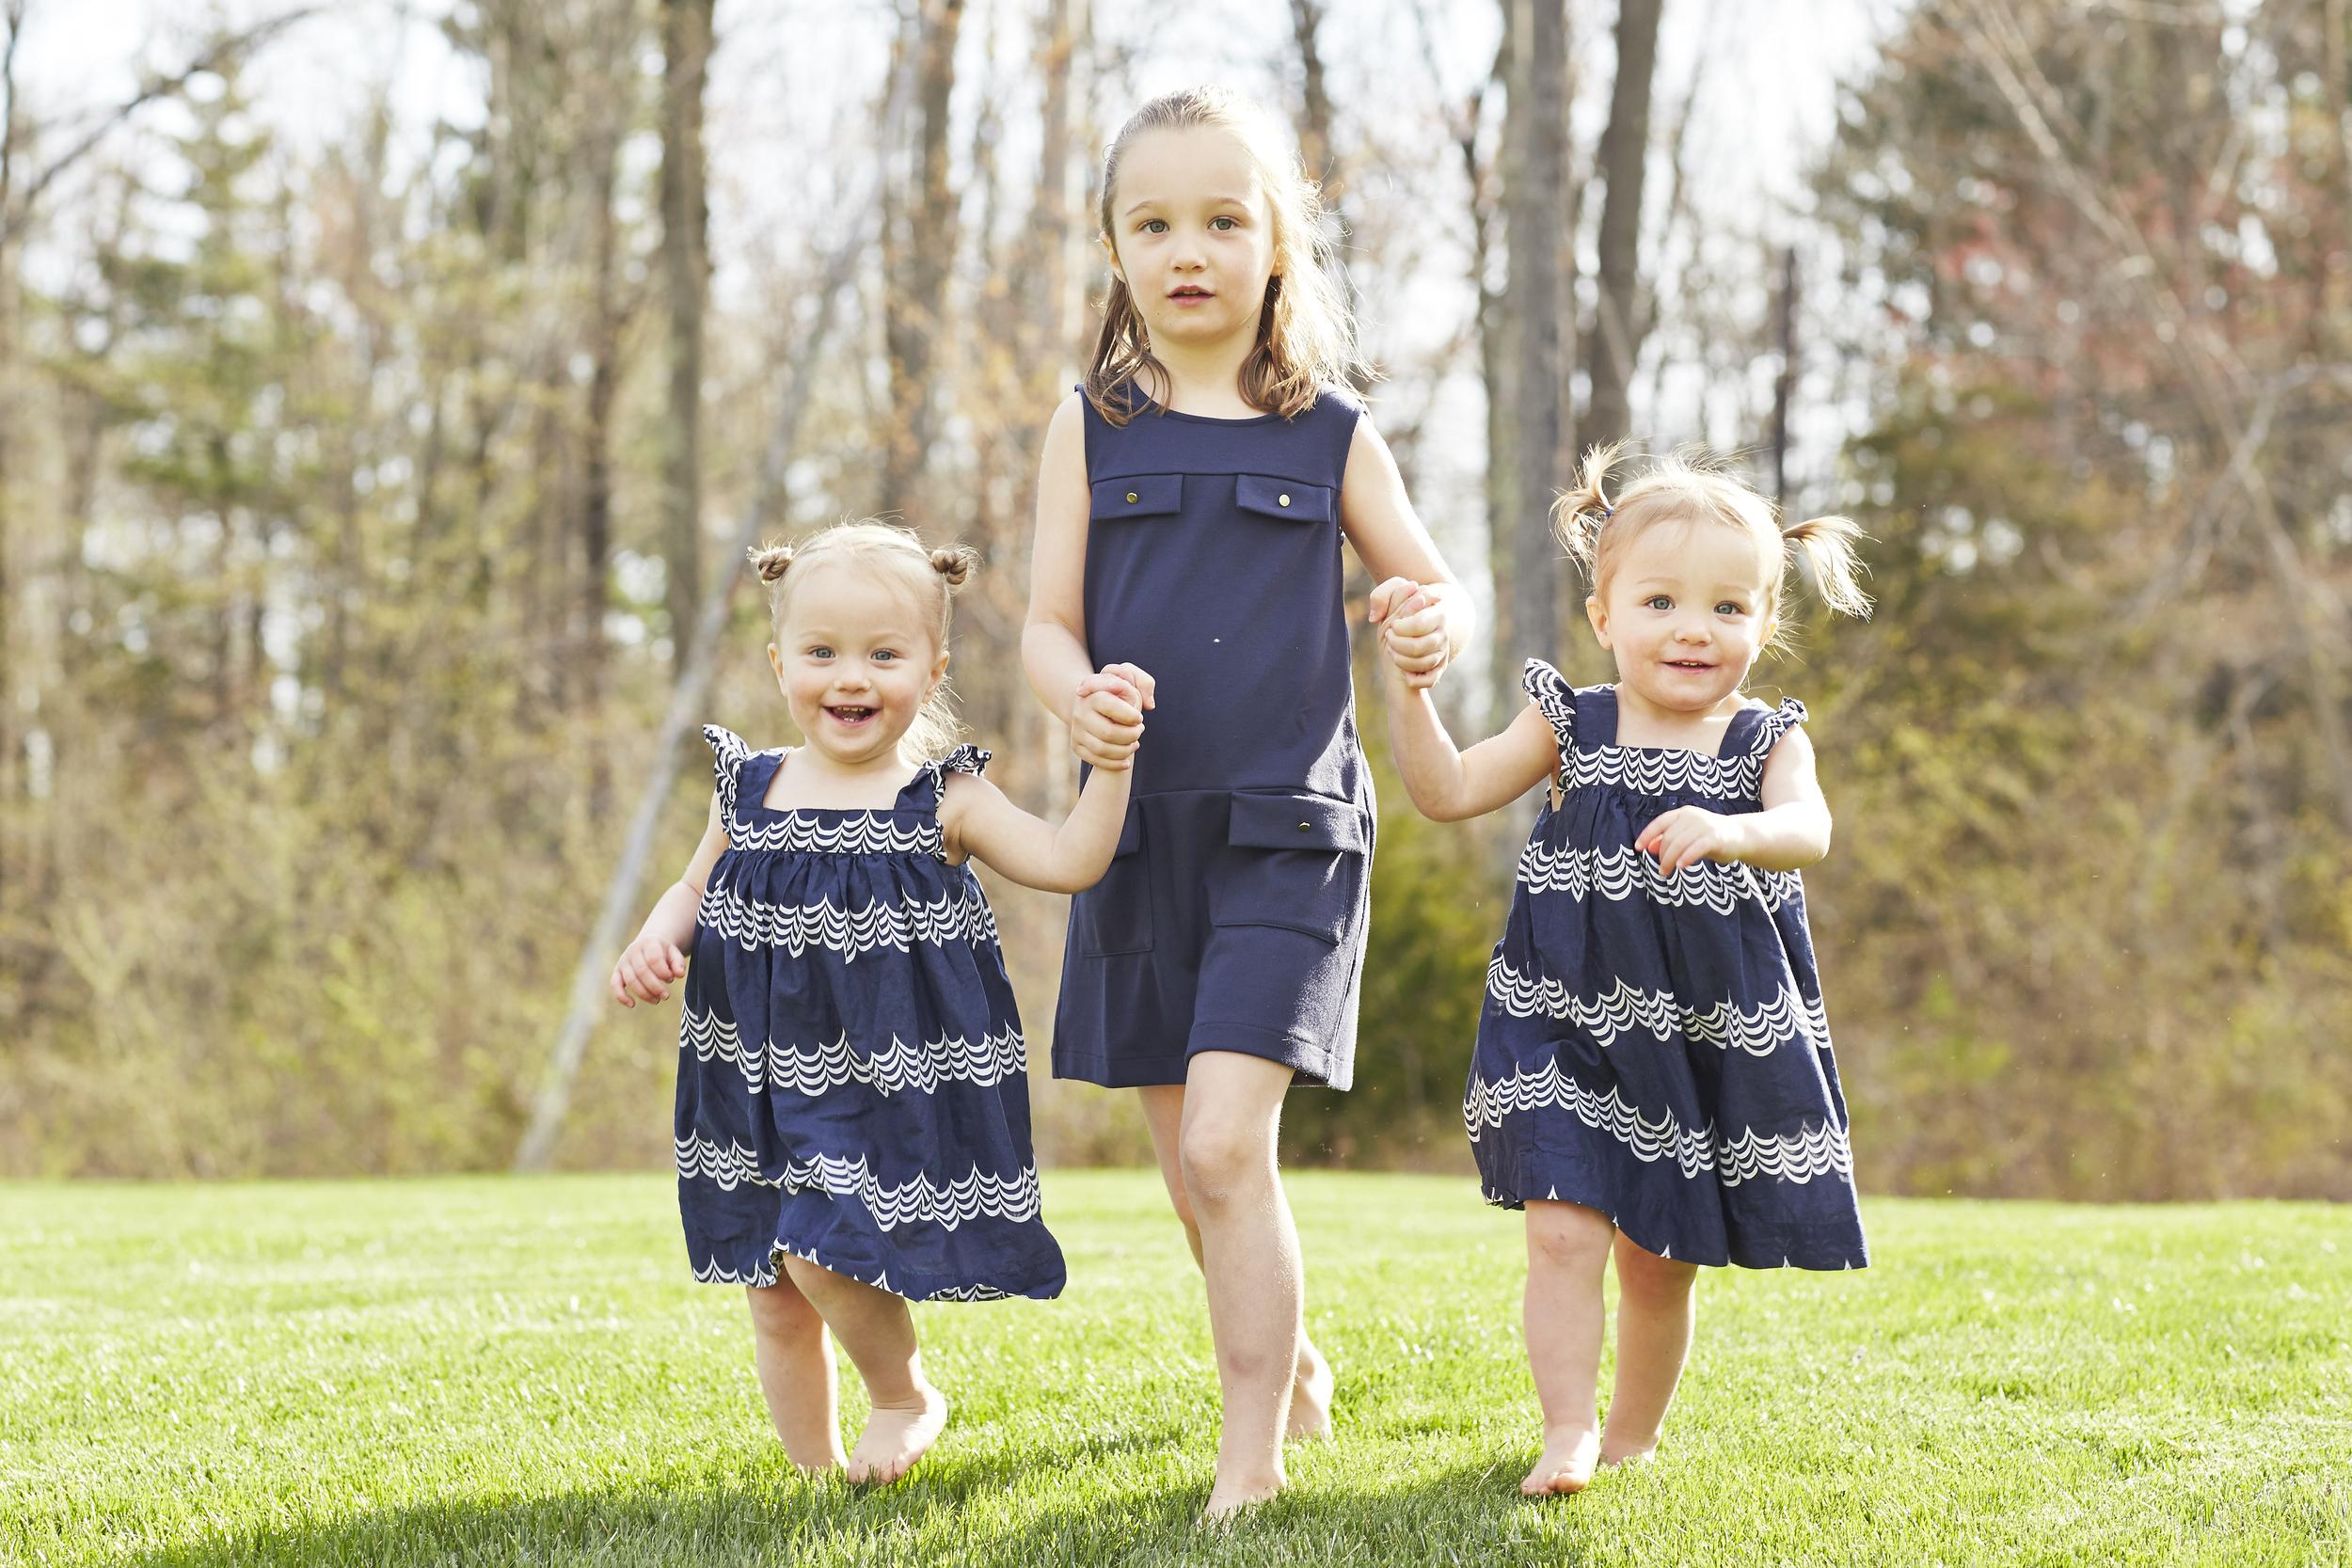 0051_P14-001-Radley Family.jpg